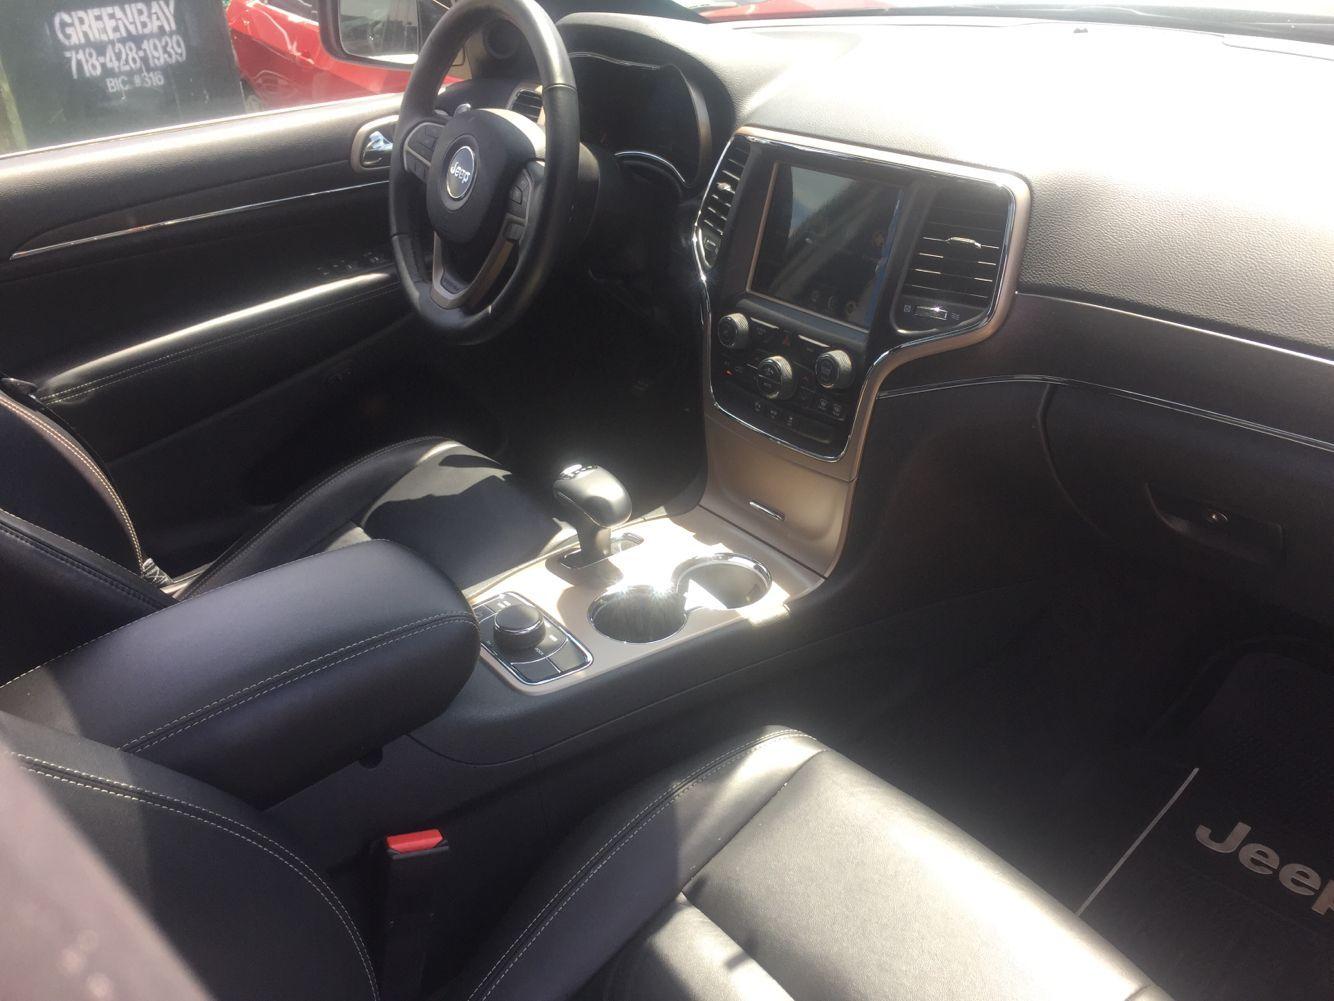 出售2015年 jeep 大切 Grand Cherokee LIMITED 里程35000miles 同城,唐人街,都市圈,海外华人,出售 第2张图片